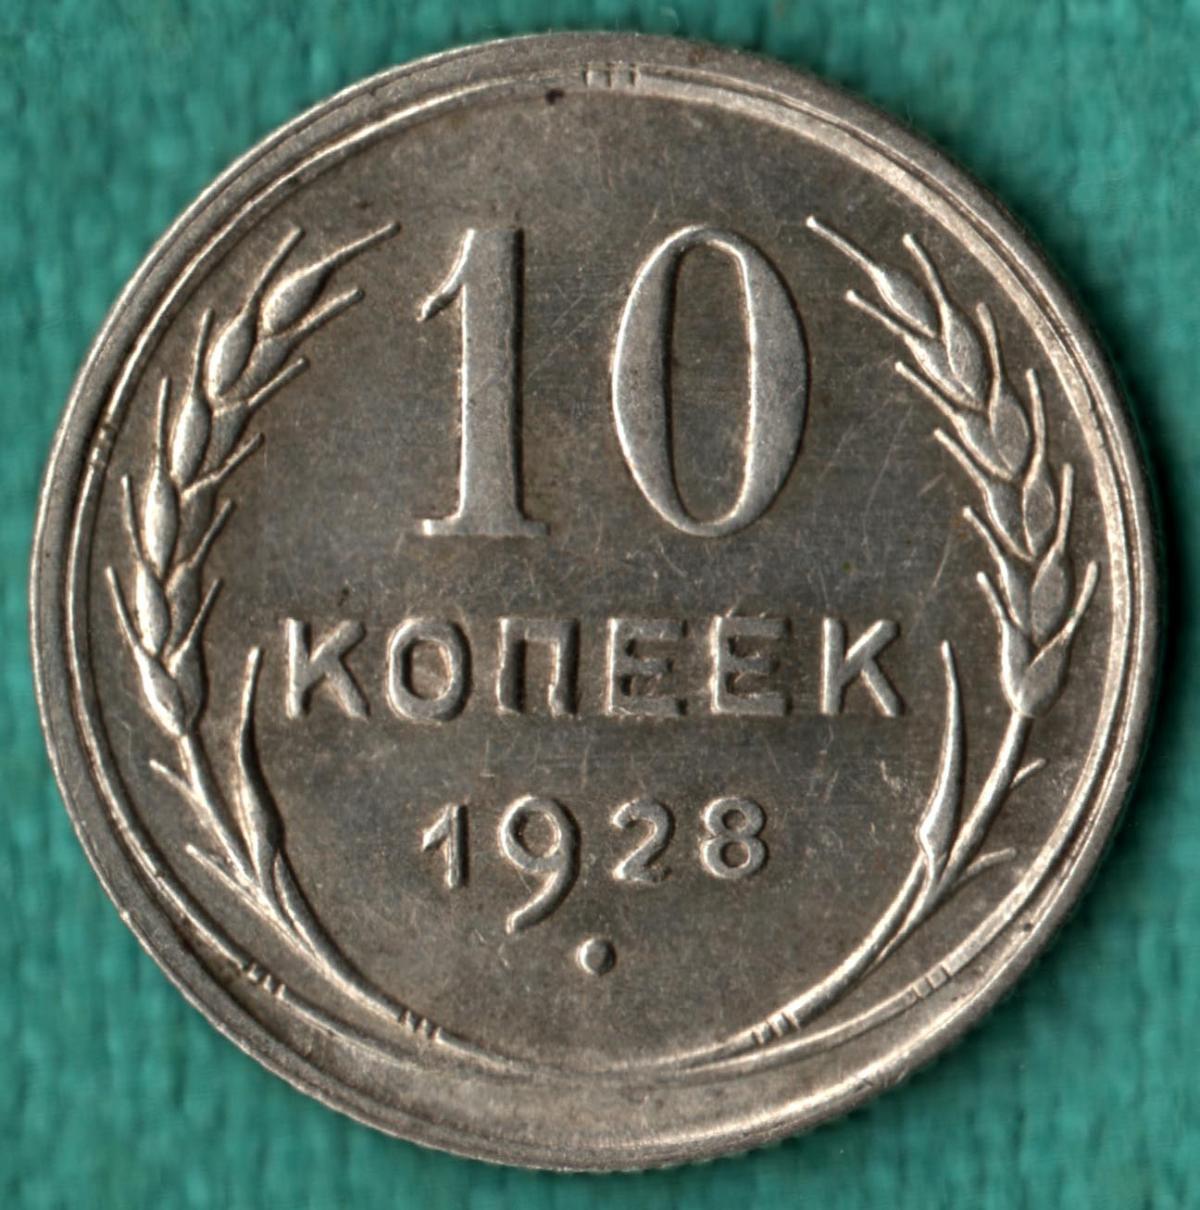 10 копеек 1928 г. Лицевая сторона - 1.1., оборотная сторона - Ж